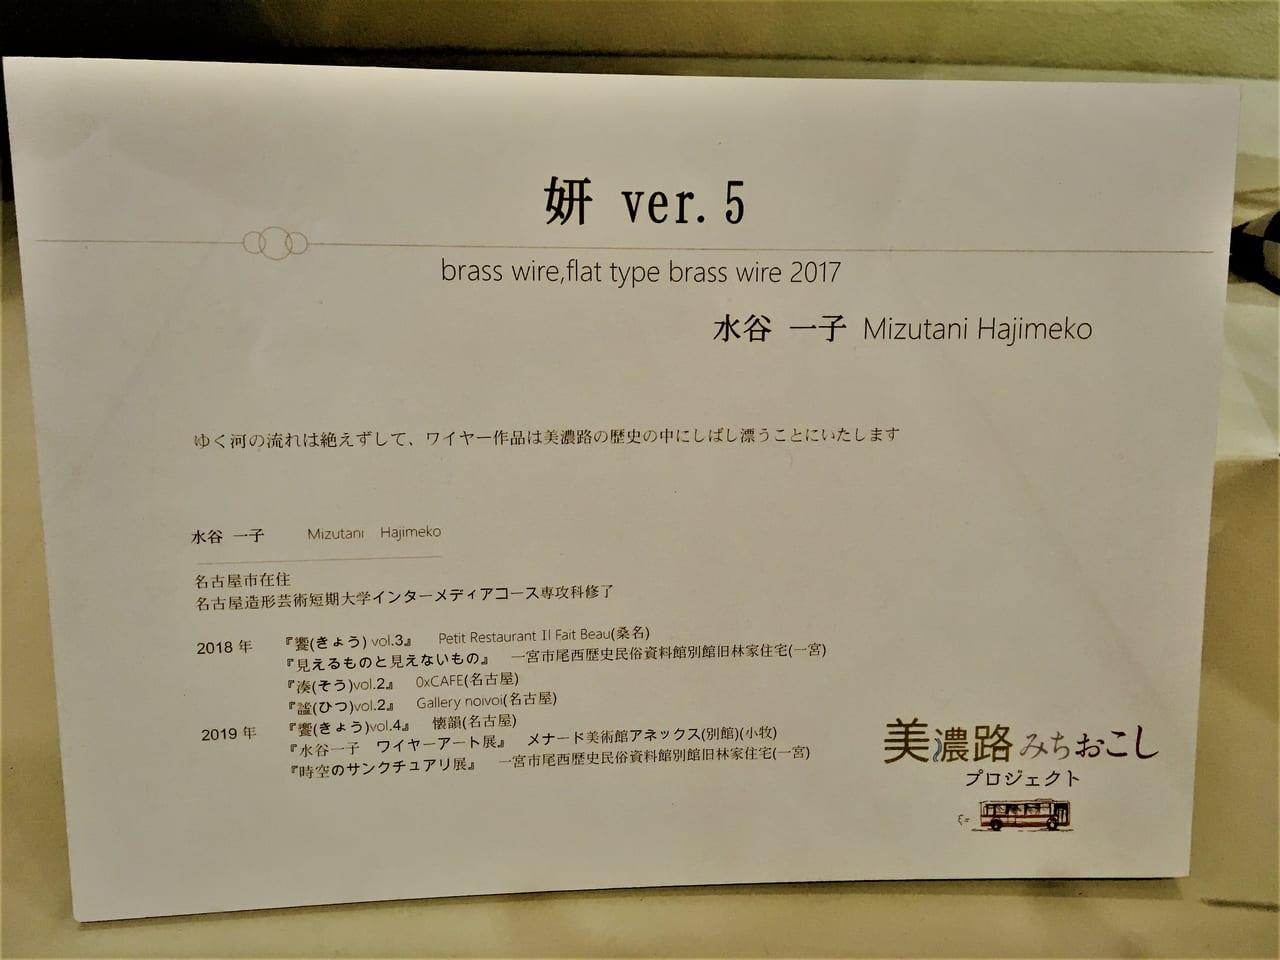 ワイヤーアートの作者 水谷一子さんの履歴